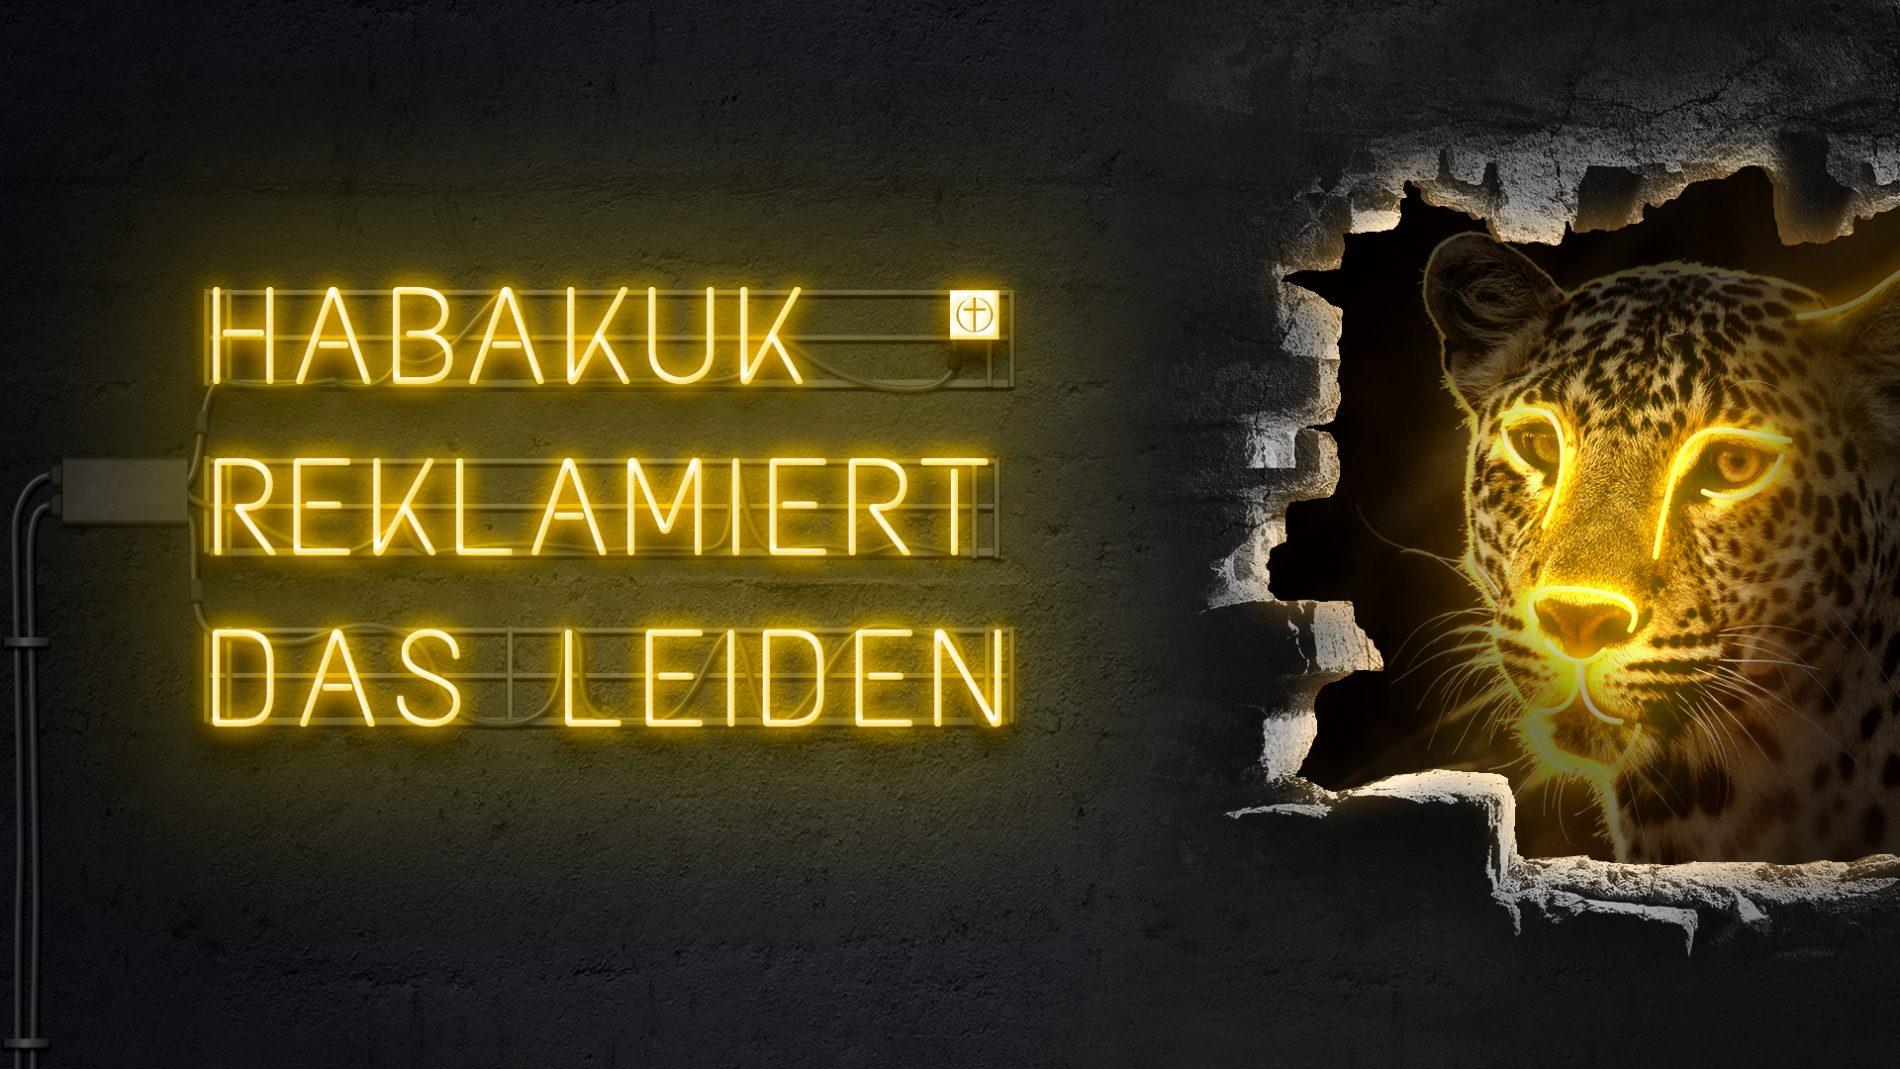 Habakuk reklamiert das Leiden (Zwölf Propheten VIII)